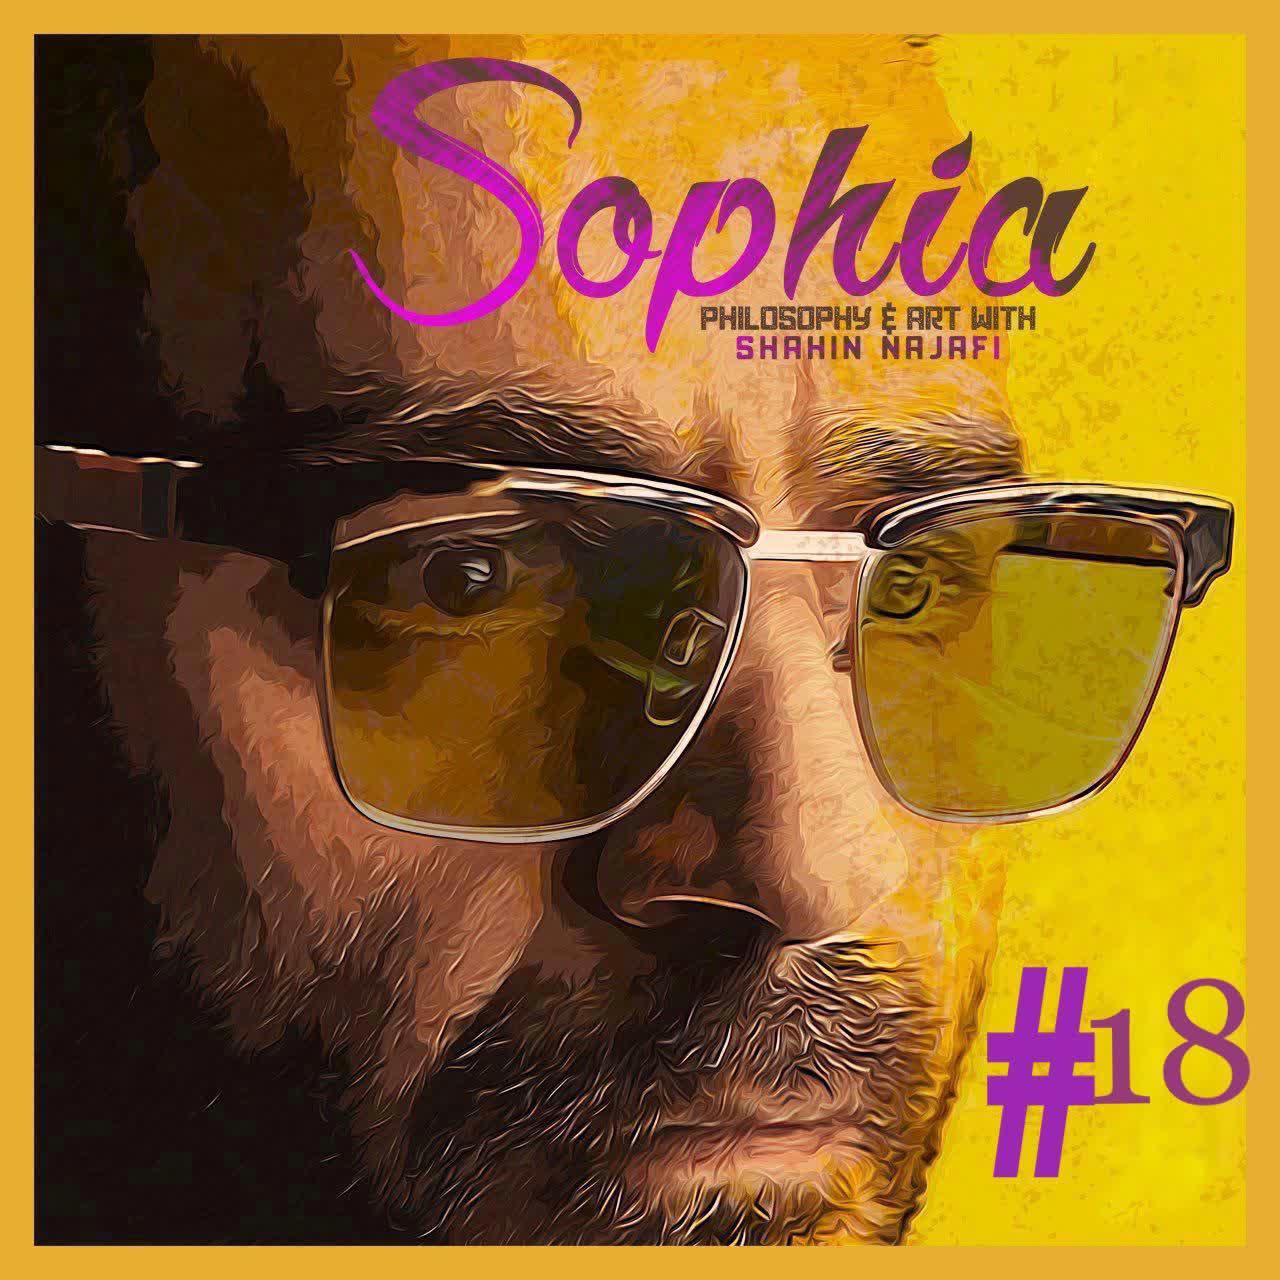 Sophia #18 Shahin Najafi & Bahram Ghafari سوفیا ۱۸ شاهین نجفی و بهرام غفاری